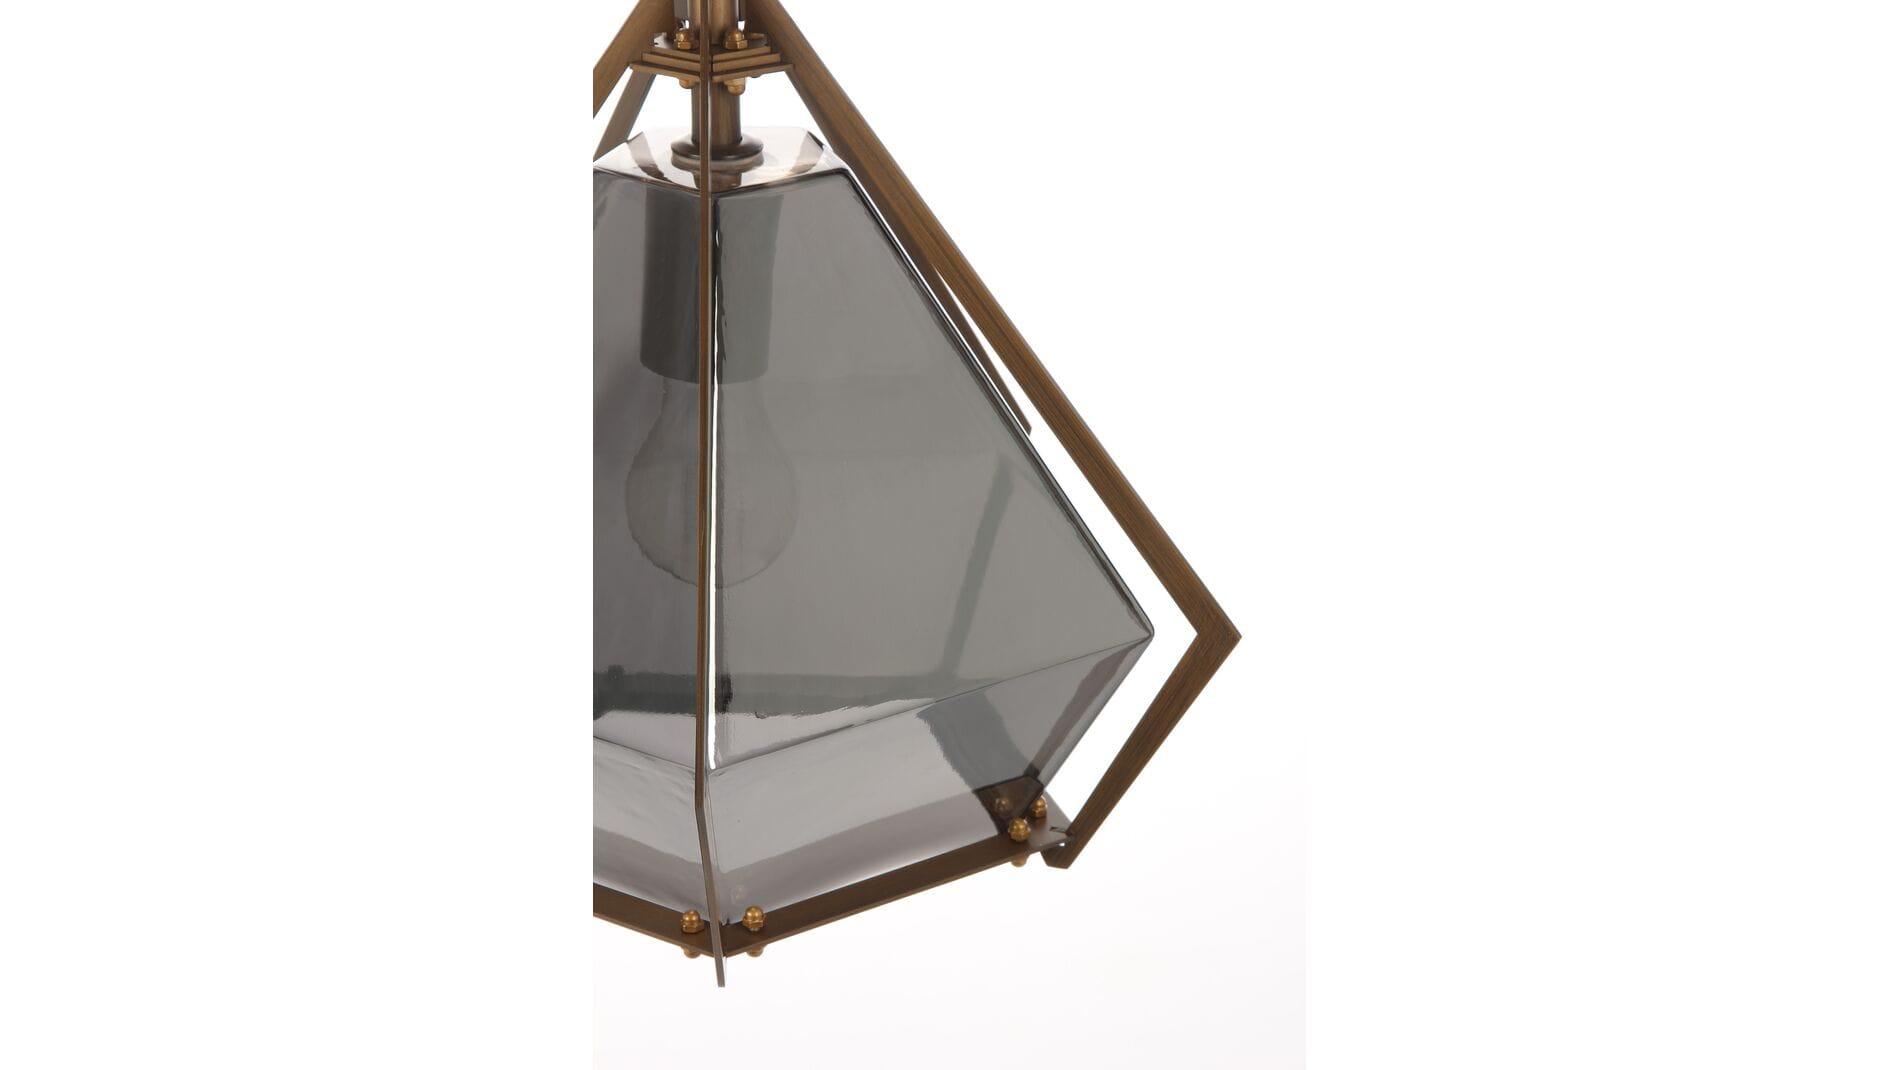 Подвесной светильник Louvre Pyramid диаметр 35,5